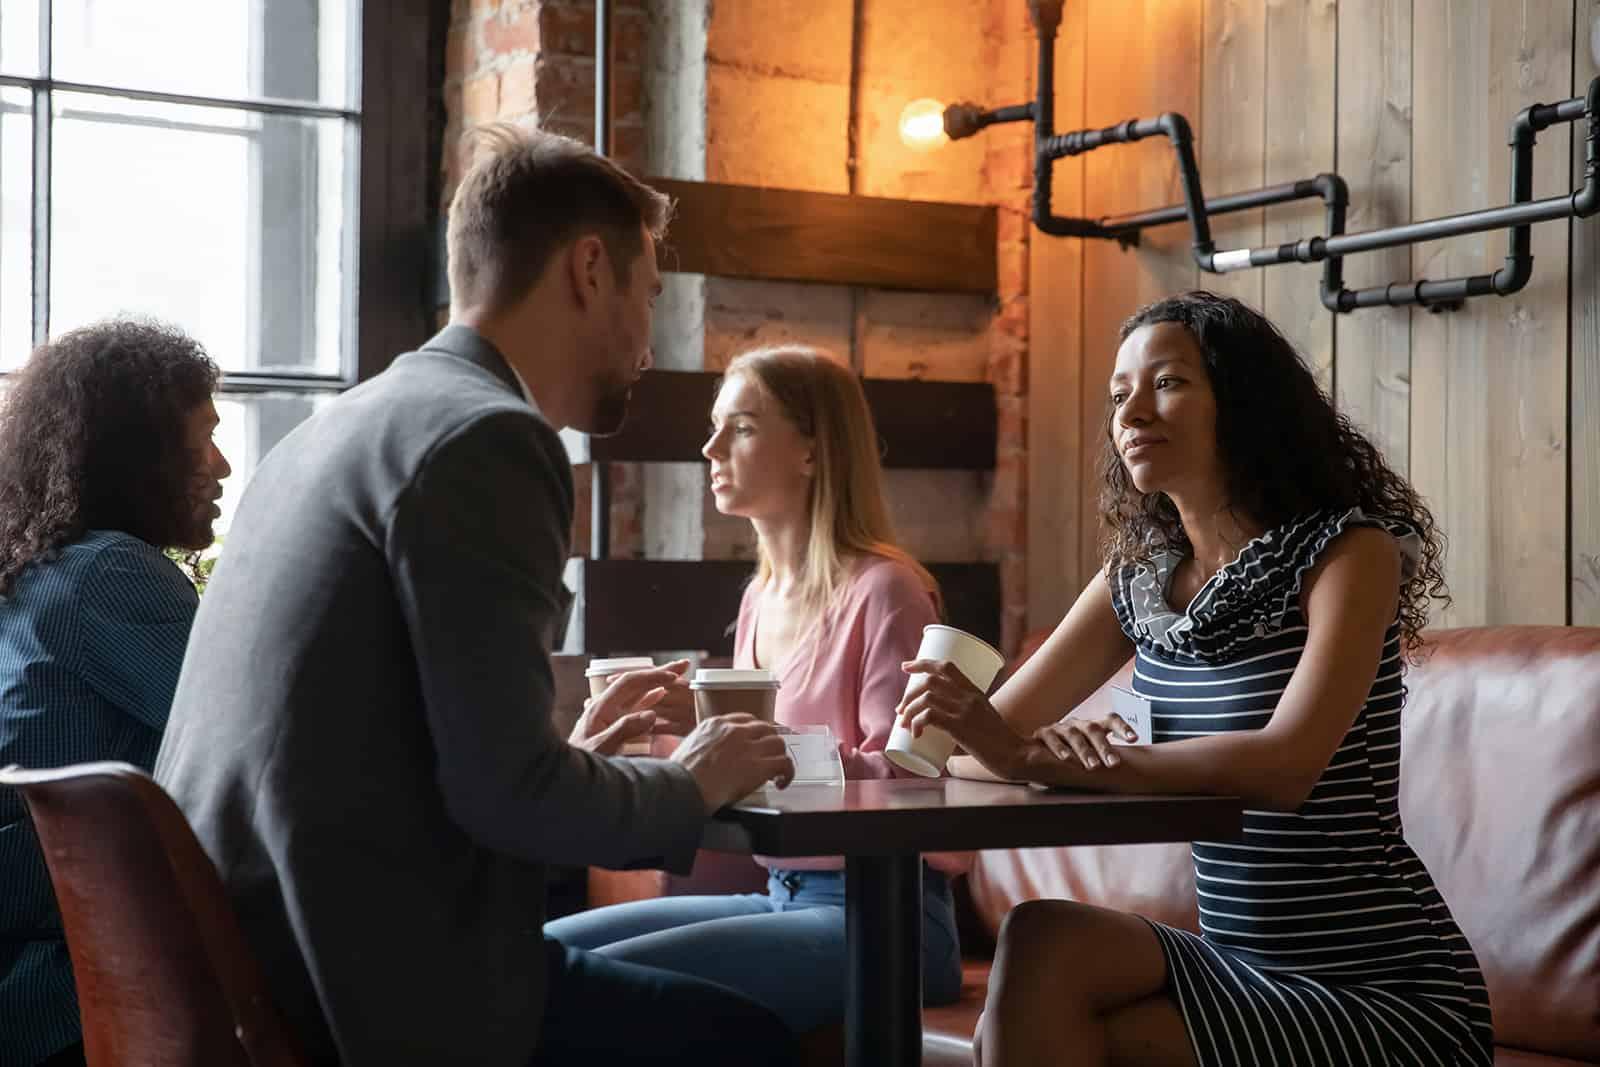 eine gelangweilte Frau, die einem Mann während eines Dates zuhört